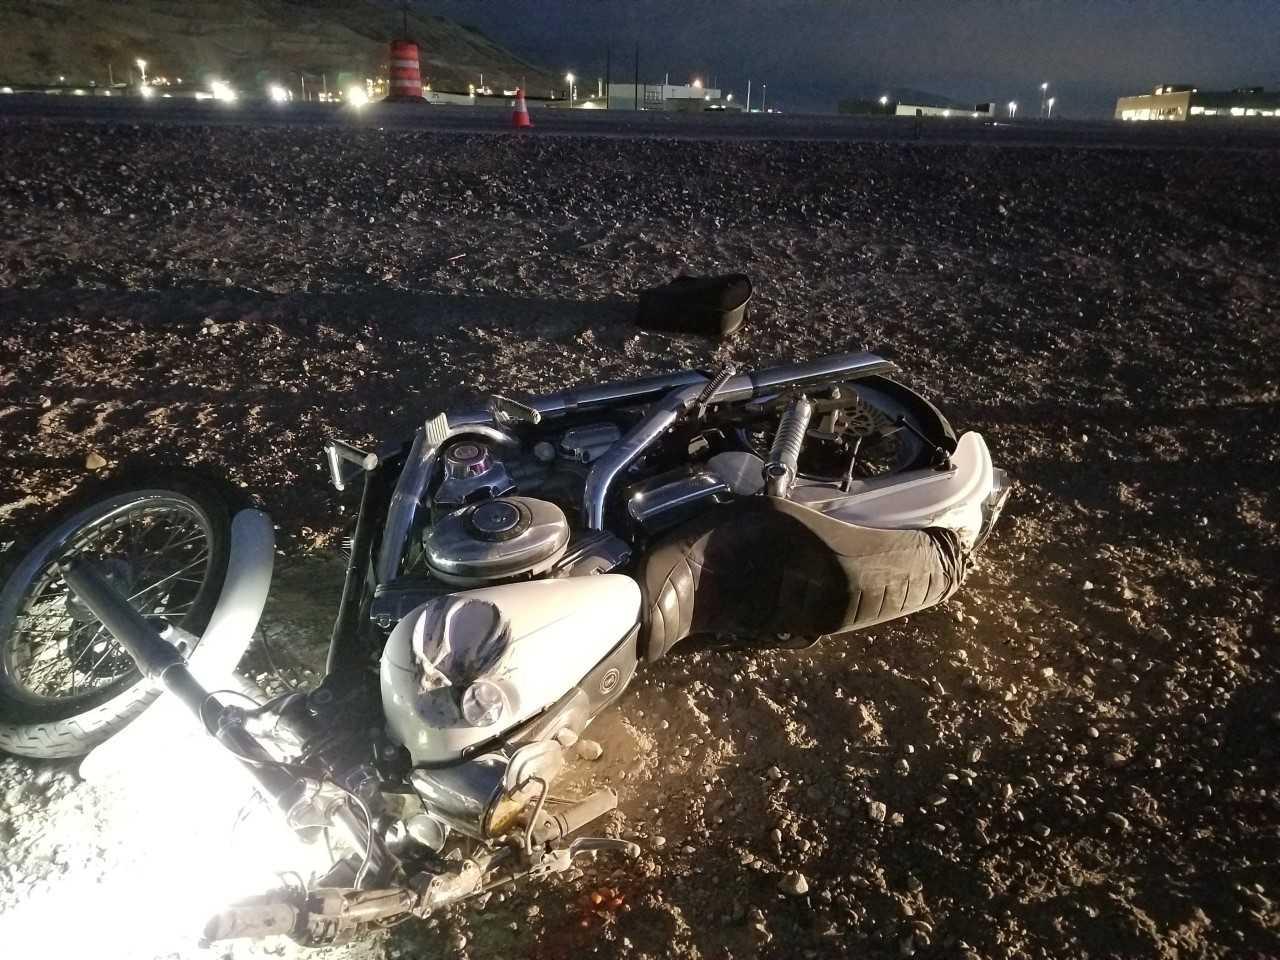 motorcycle_crash_NSL.jpg